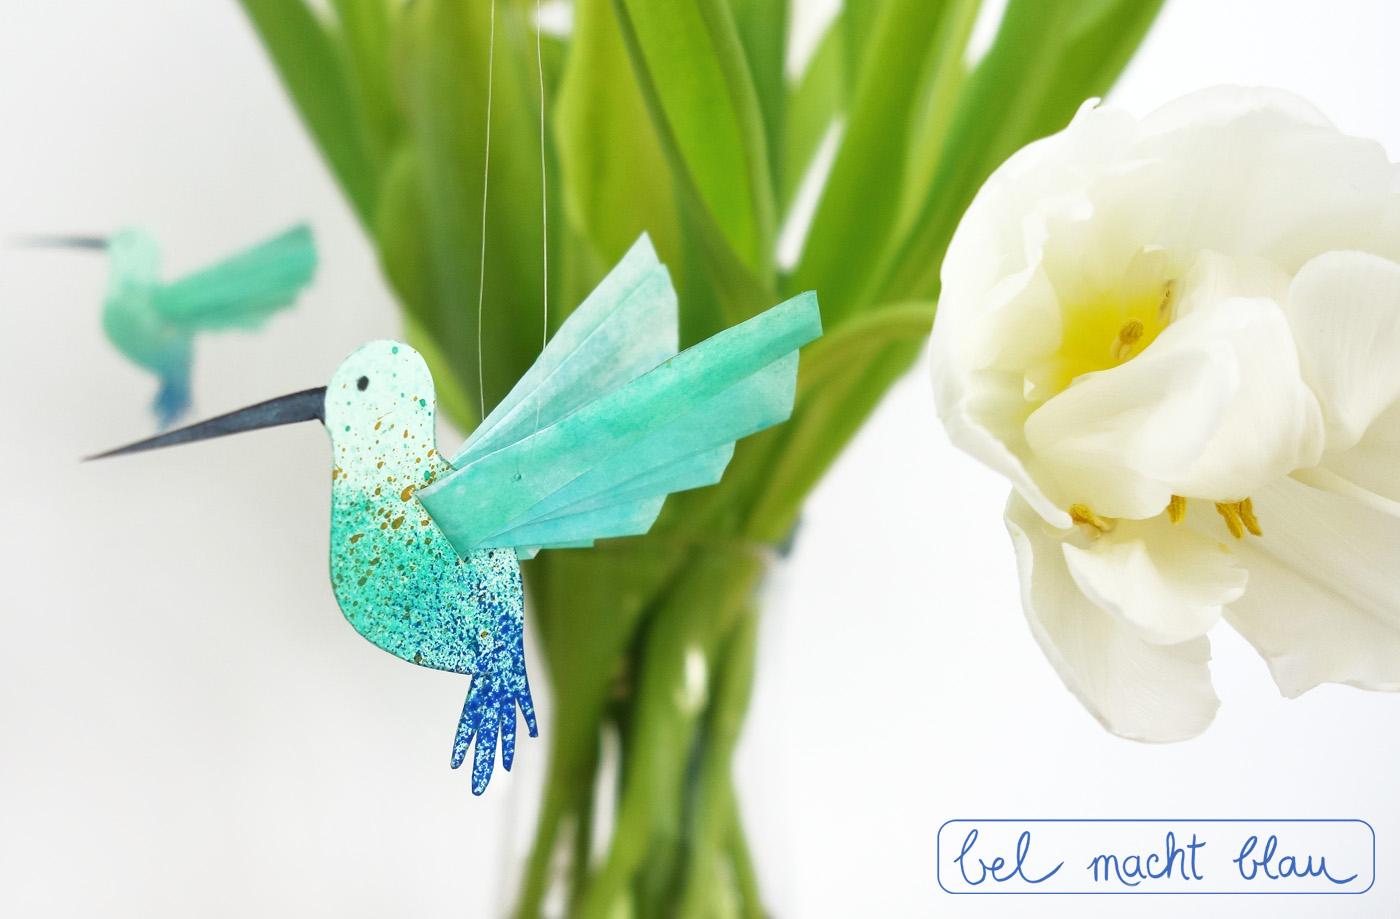 Der kleiner Kolibri weckt Frühlingsgefühle!